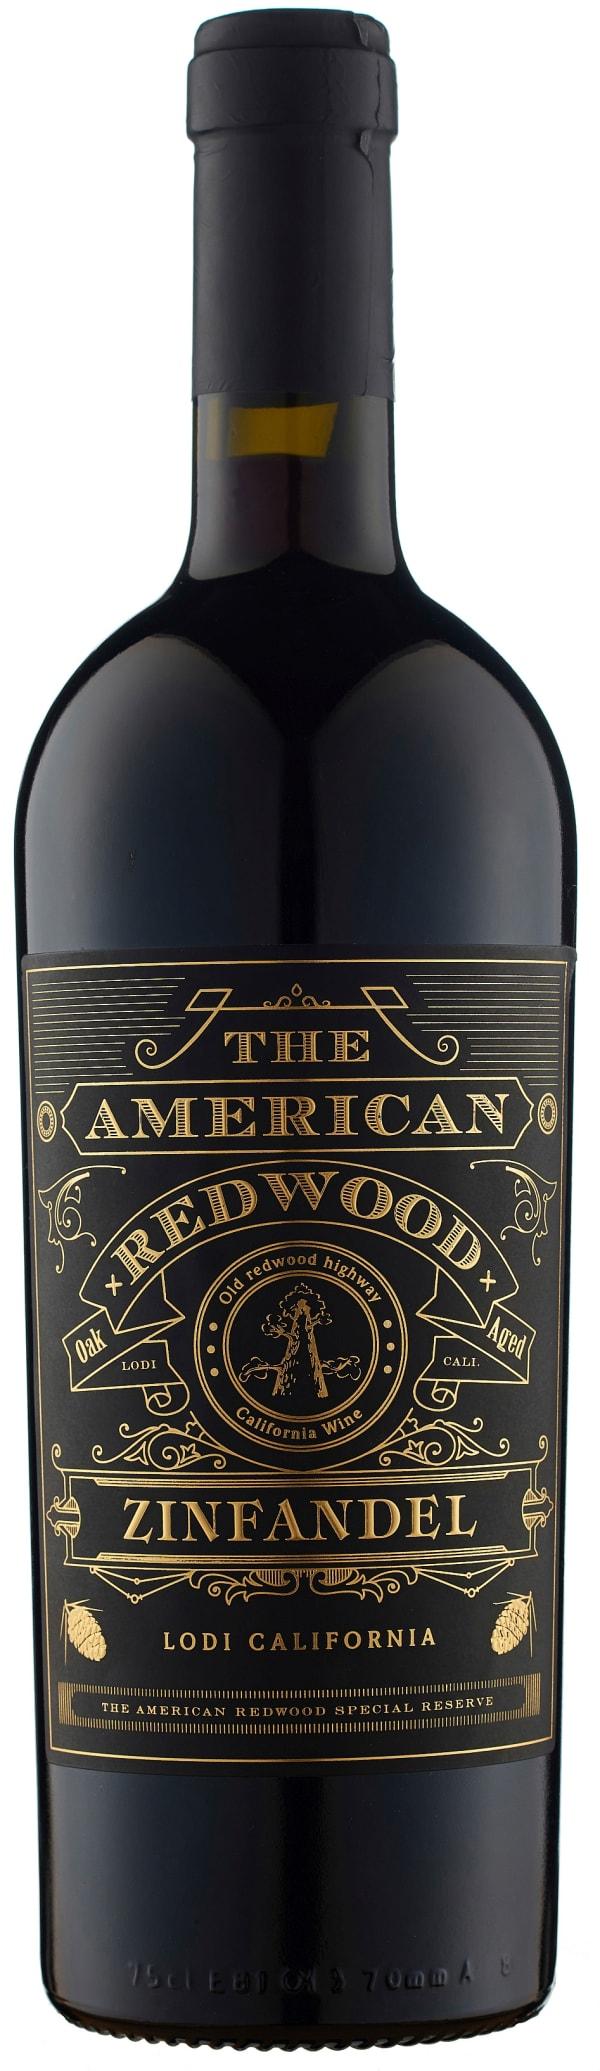 American Redwood Zinfandel 2017